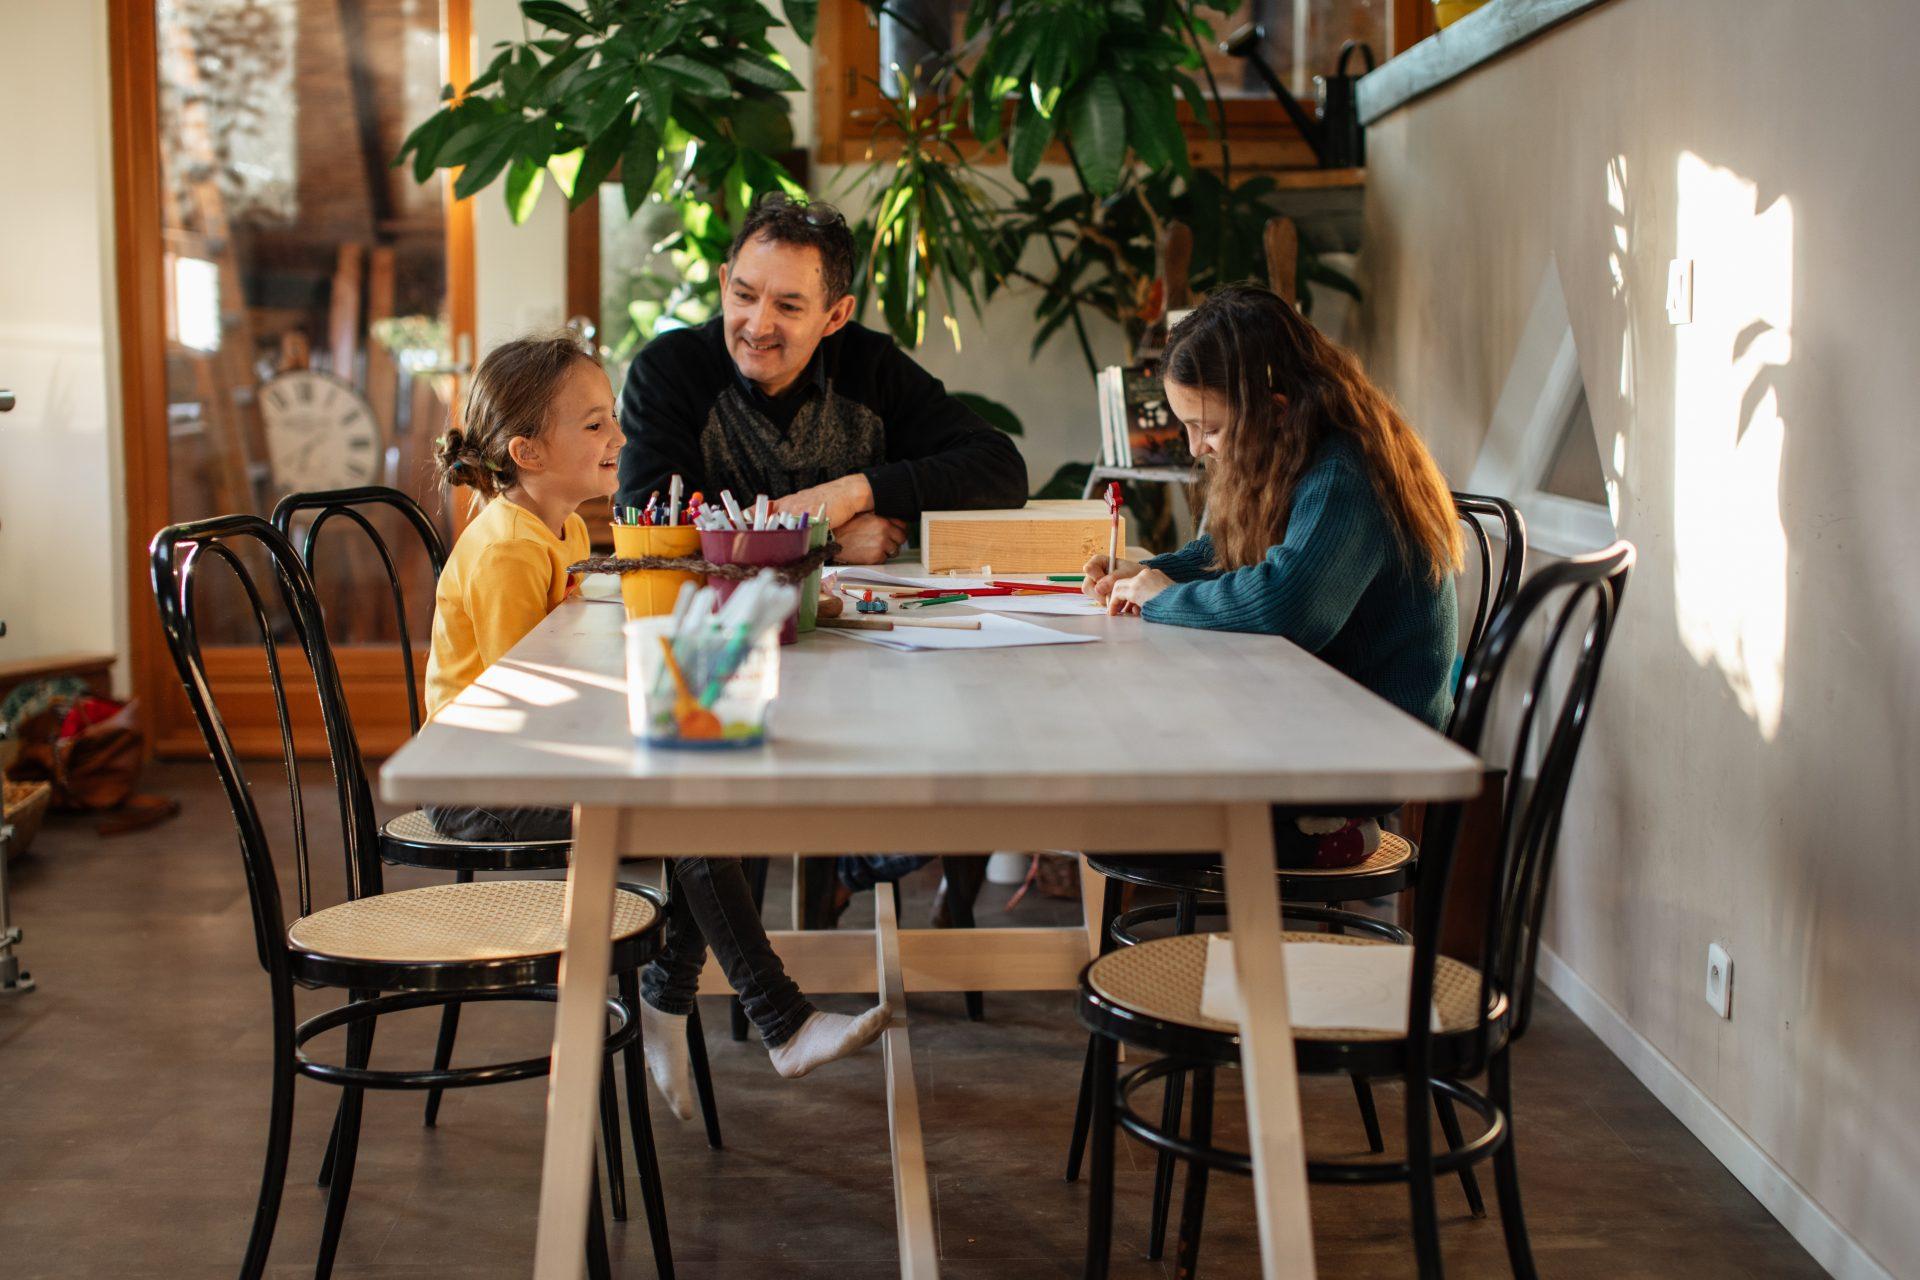 photographe alsace photographe paris reportage famille reportage  famille